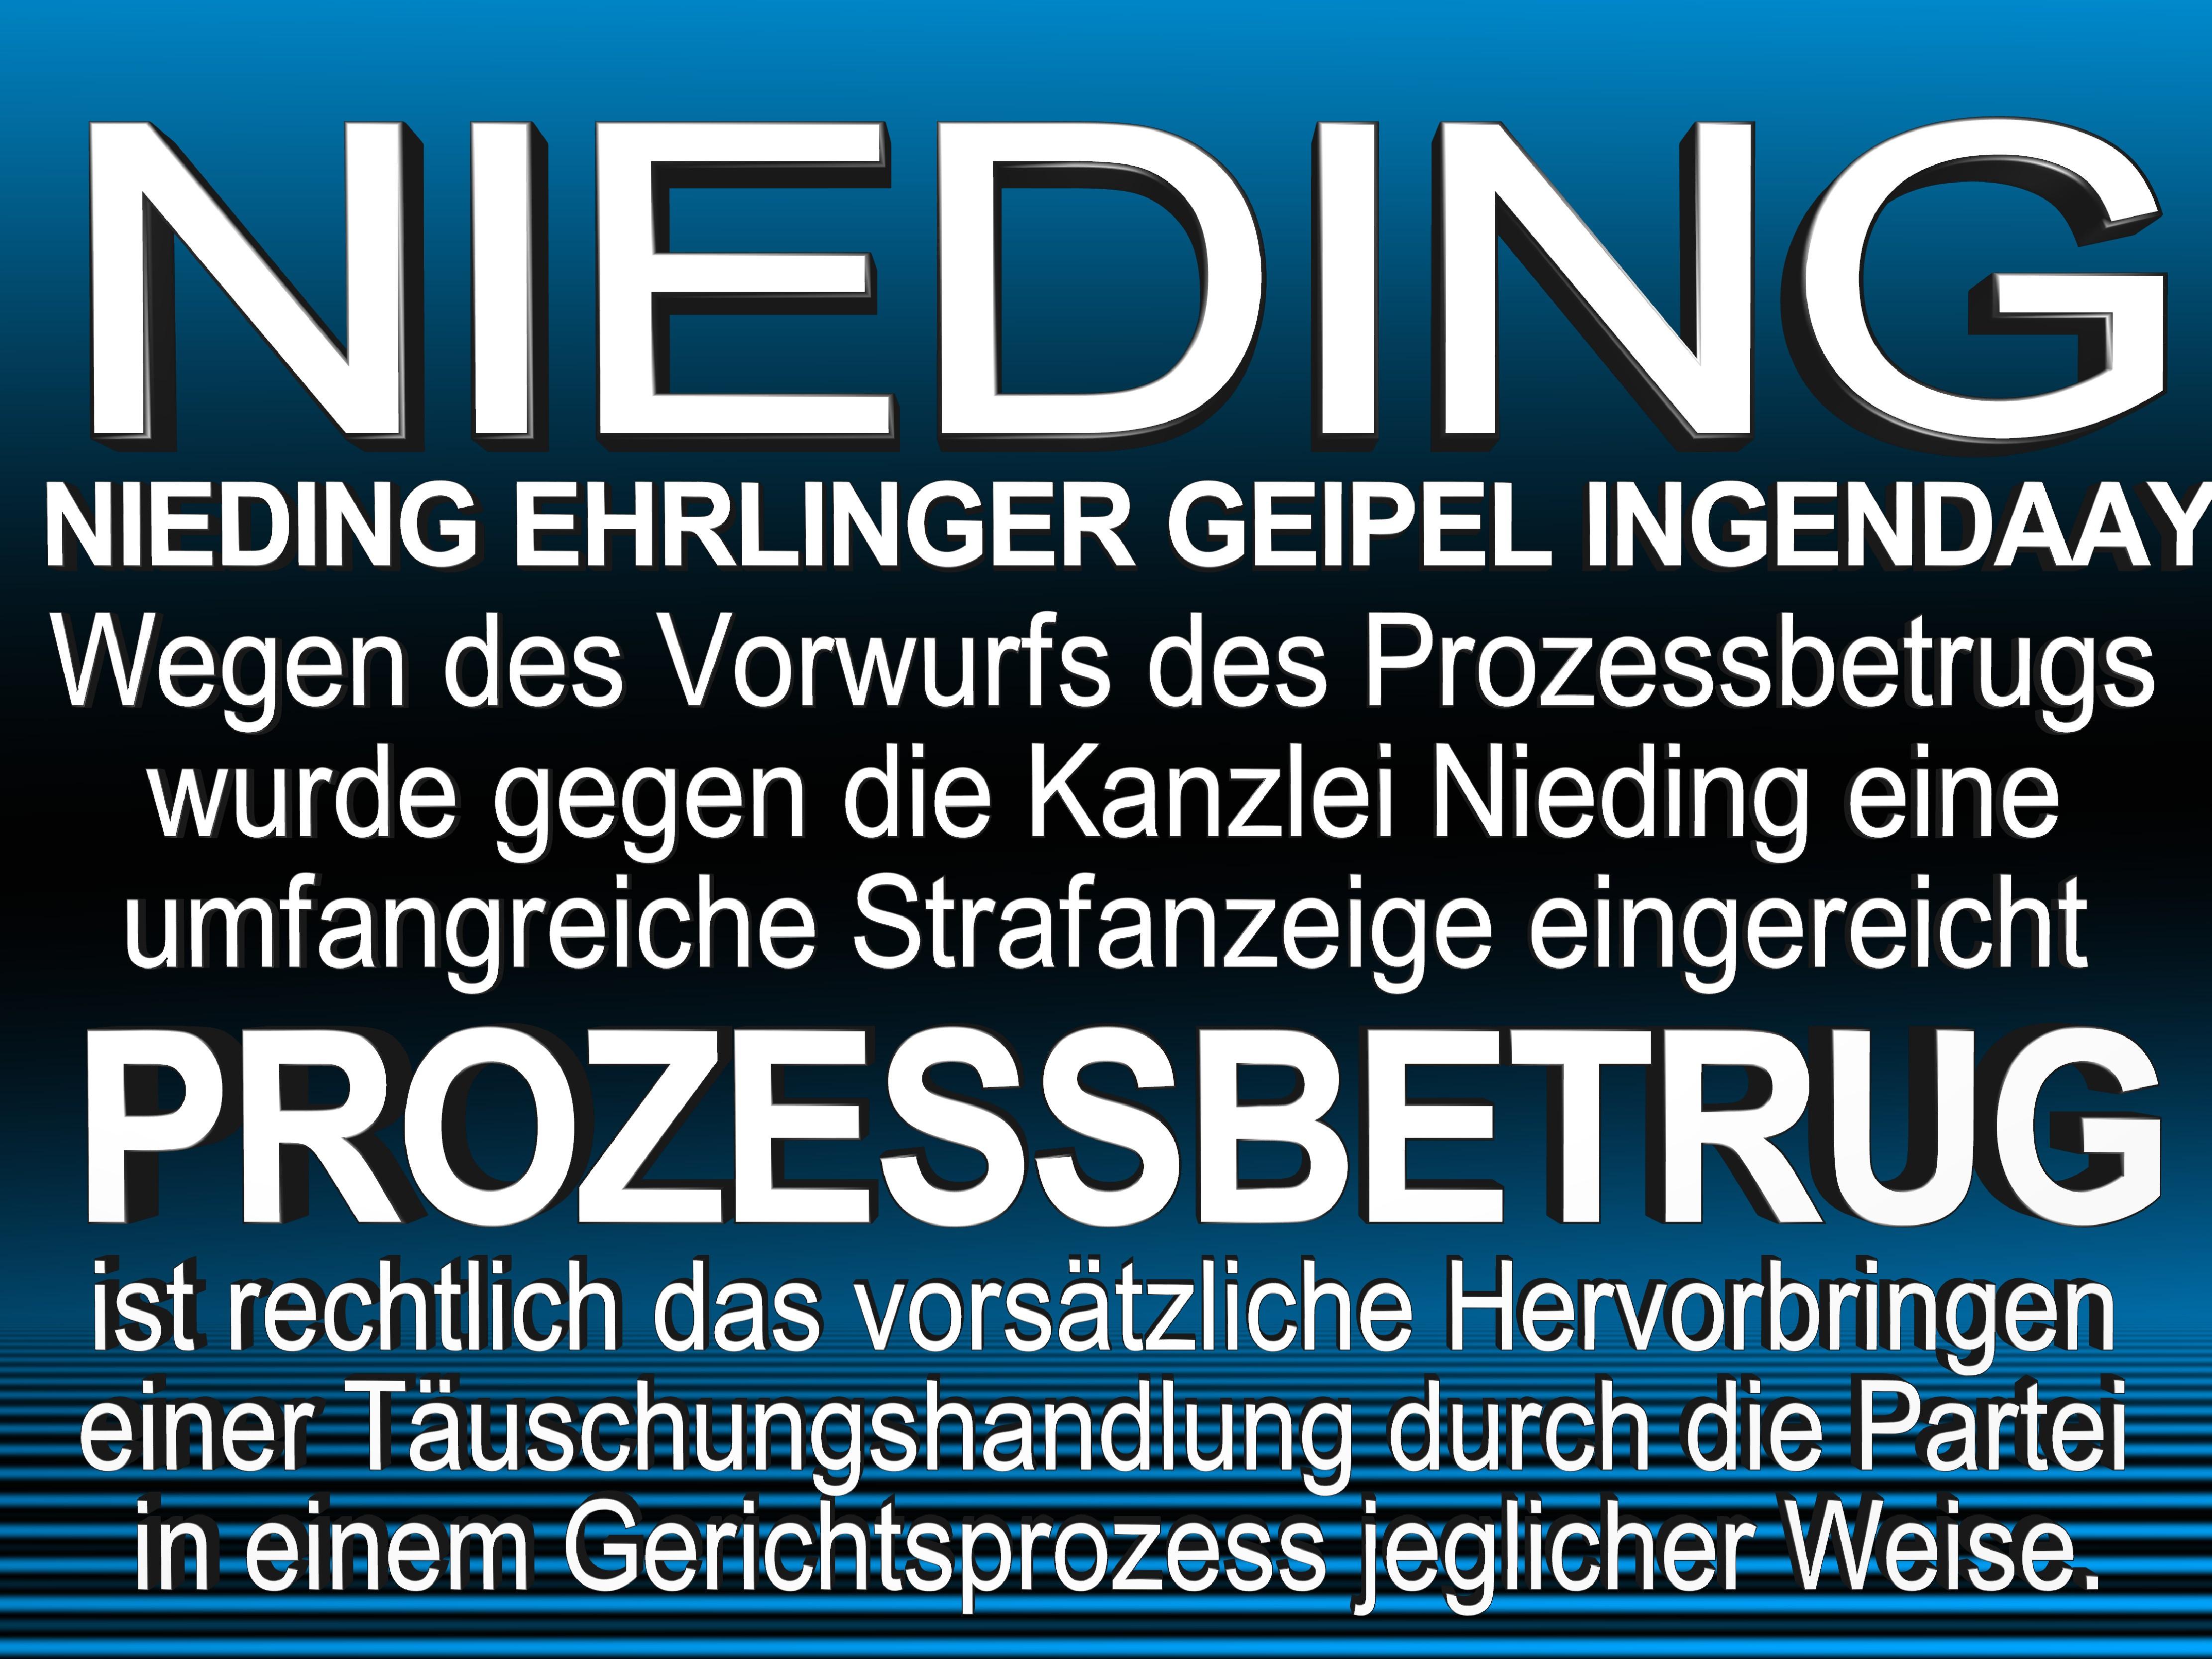 NIEDING EHRLINGER GEIPEL INGENDAAY LELKE Kurfürstendamm 66 Berlin (125)